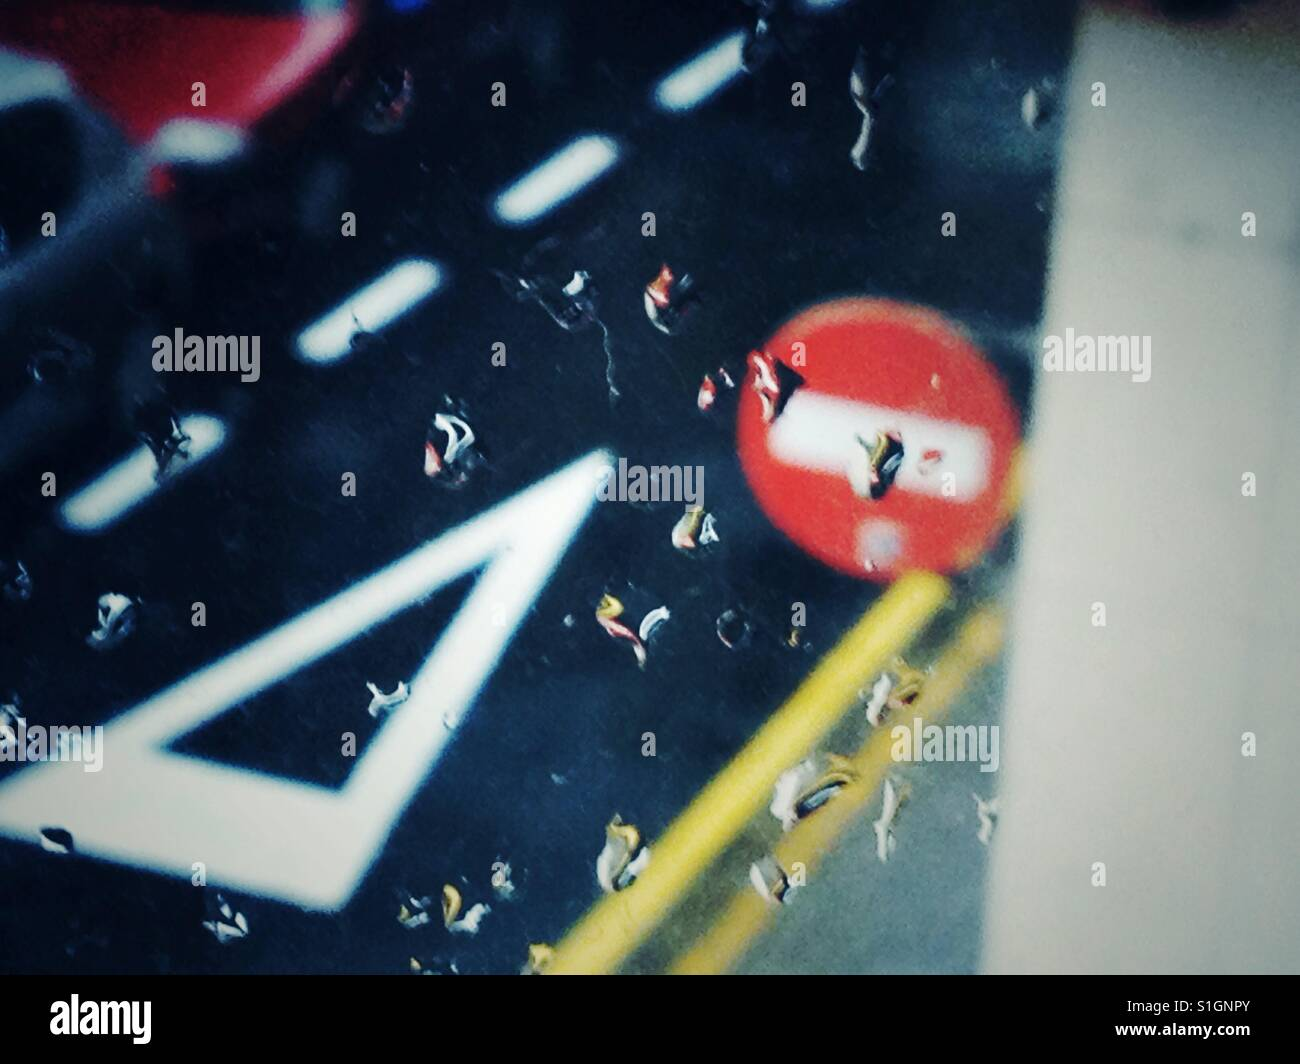 Días de lluvia, ventanas, señales de tránsito,tiempo,Agua,Nublado,Color,llueve,Gotas,prohibido, Ceda,Ceda el paso, Stock Photo